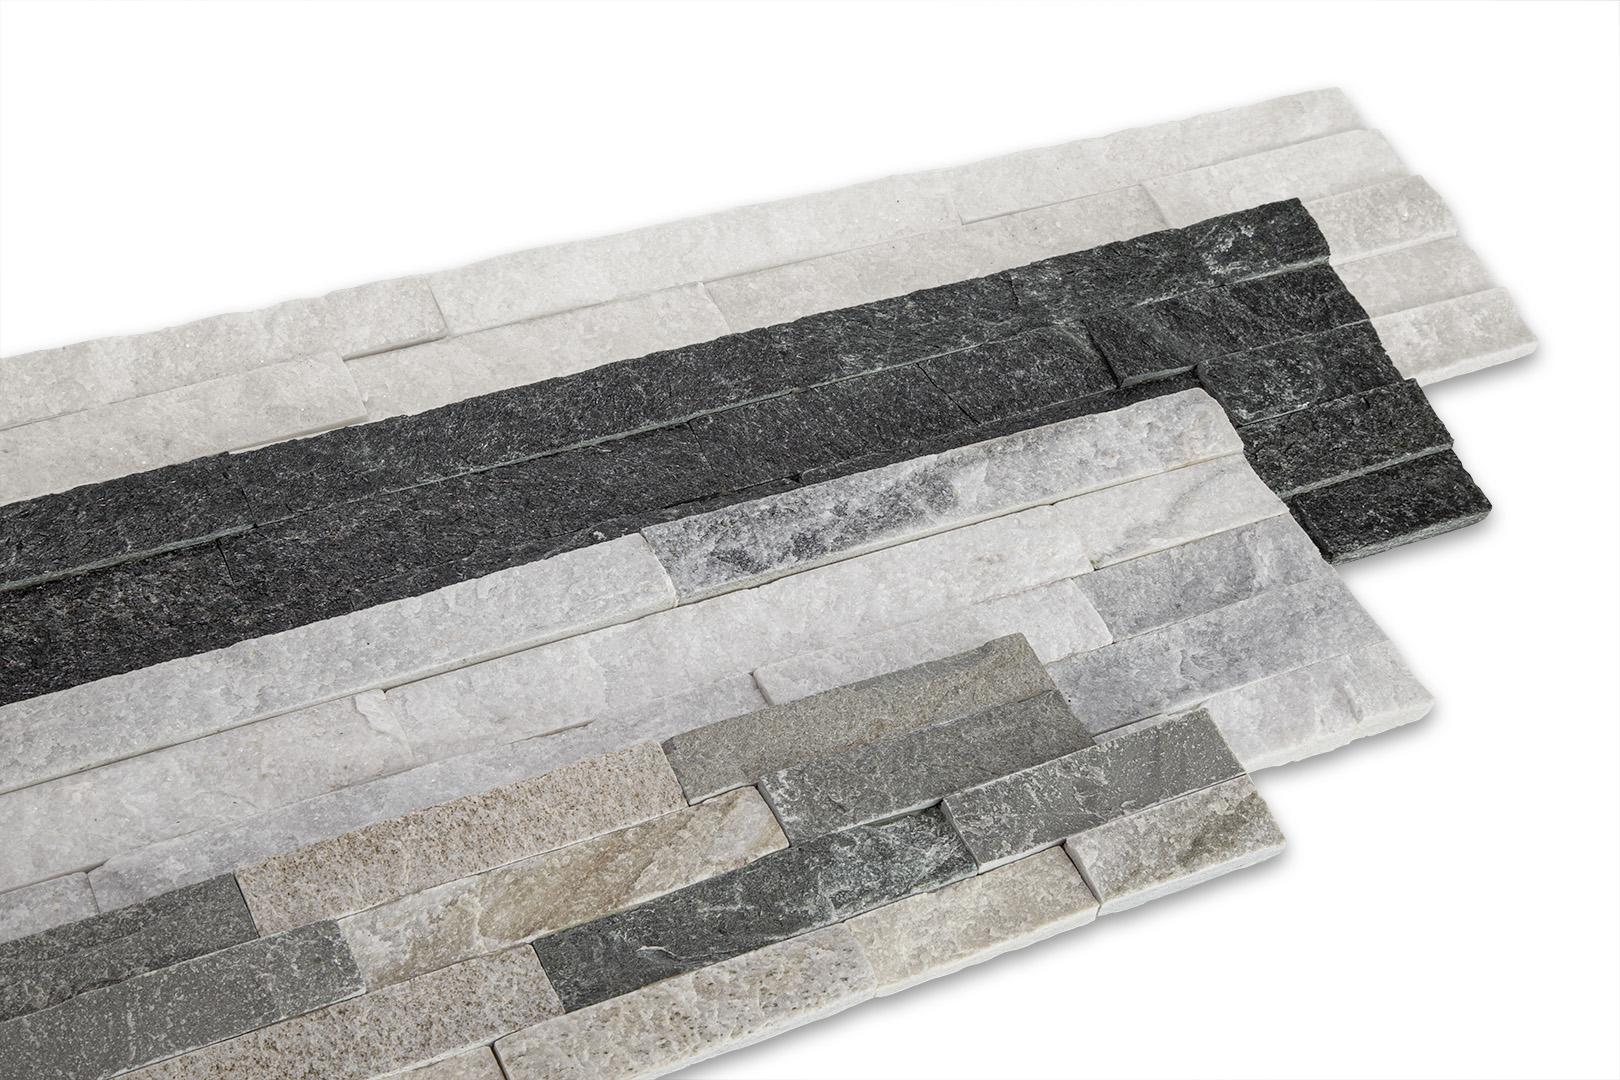 2. Wahl: Muster Naturstein Wandverblender - Klinkerriemchen glänzend, robust & wetterfest - 1 ganze Platte